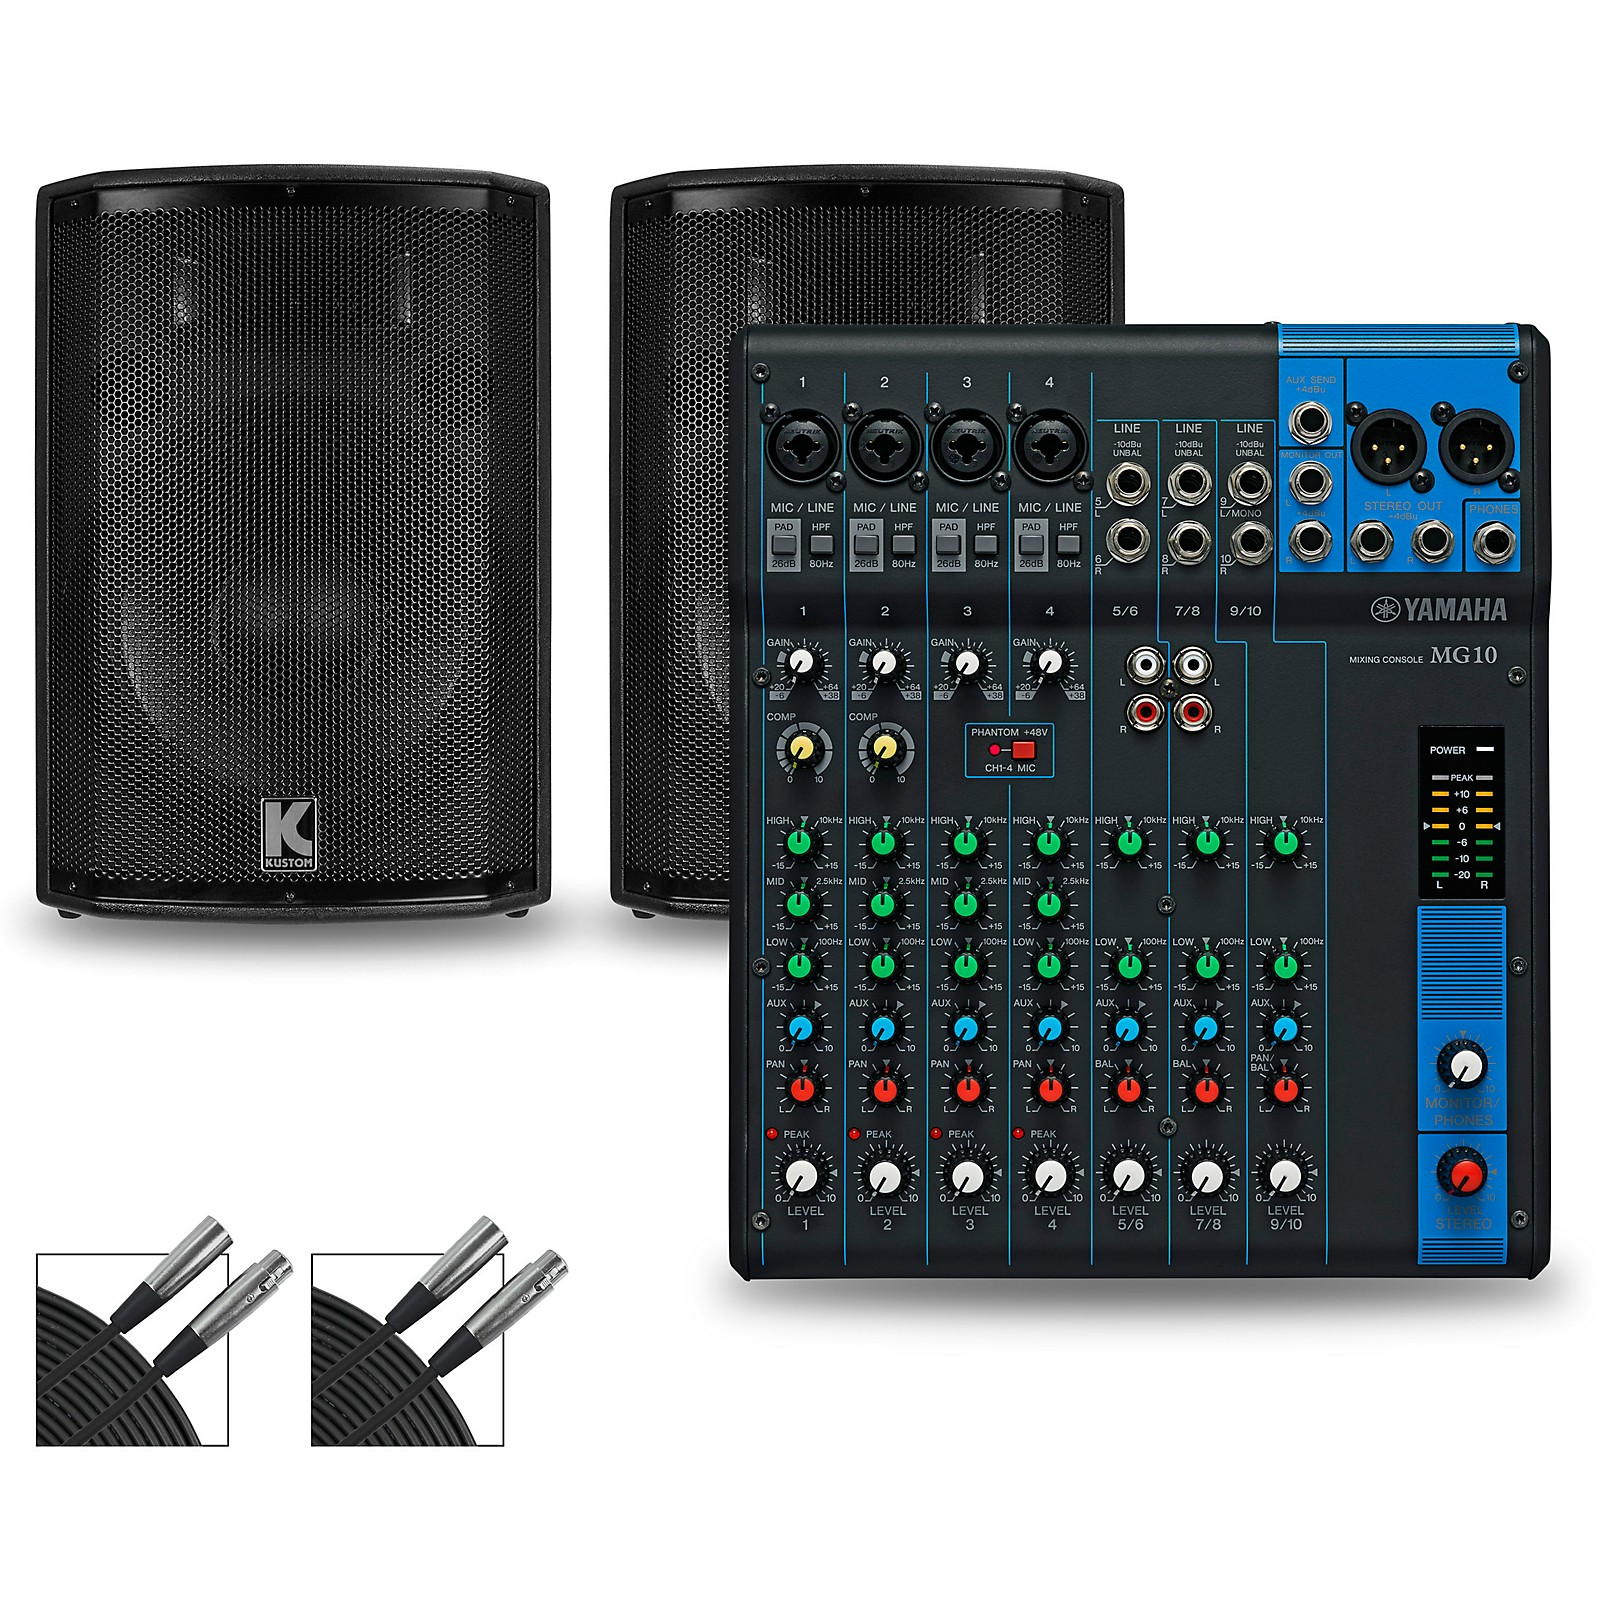 Yamaha MG10 Mixer and Kustom HiPAC Speakers